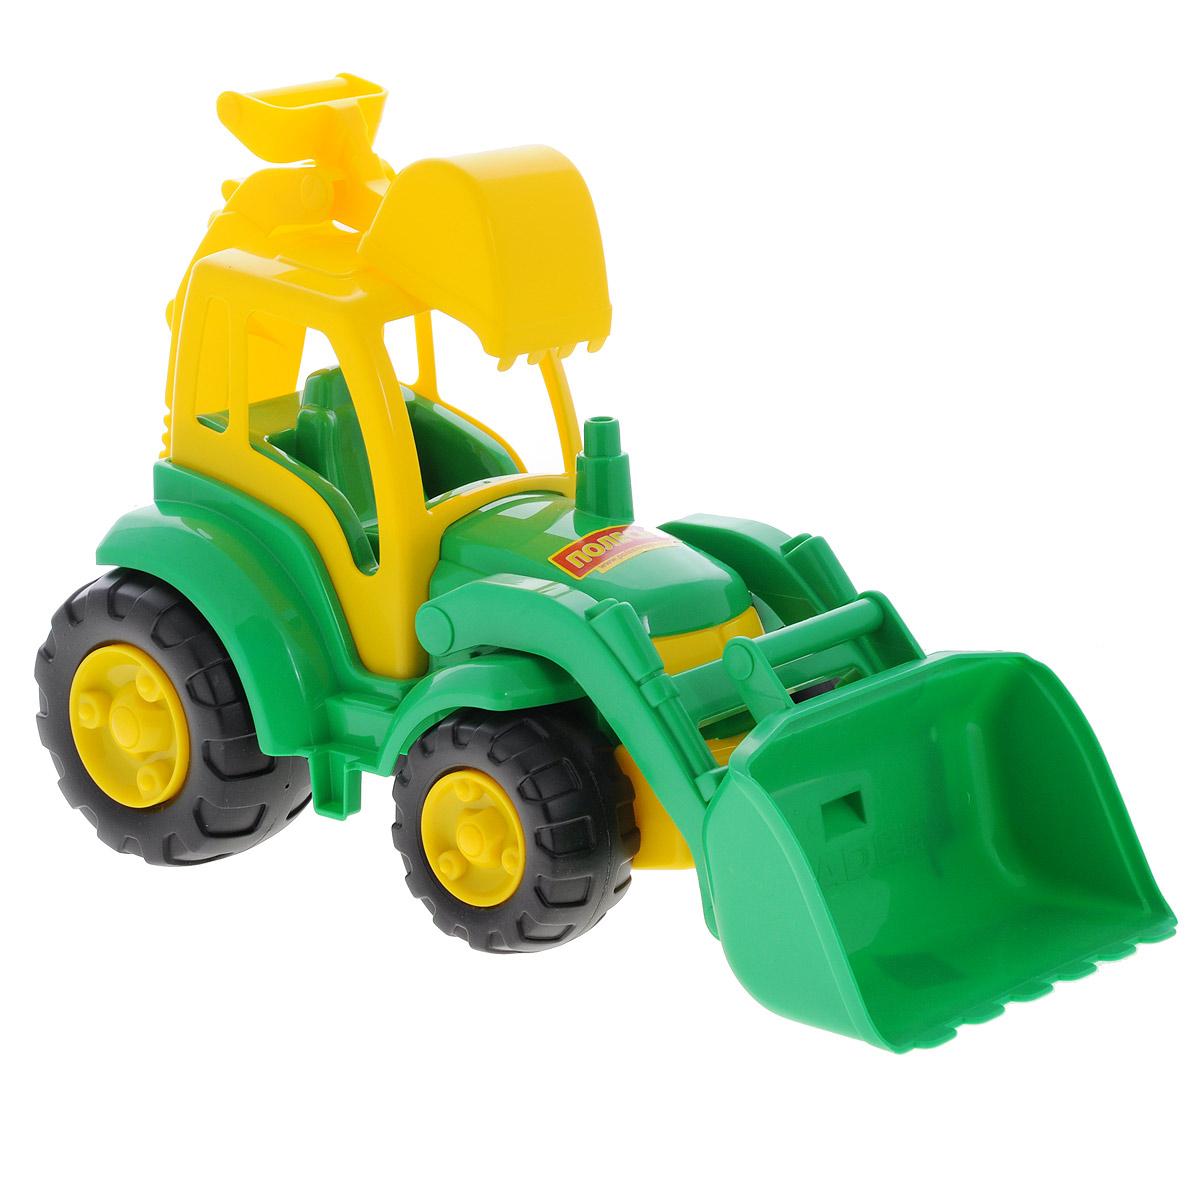 Трактор Полесье Чемпион, 513, цвет в ассортименте polesie трактор с лопатой и ковшом чемпион полесье